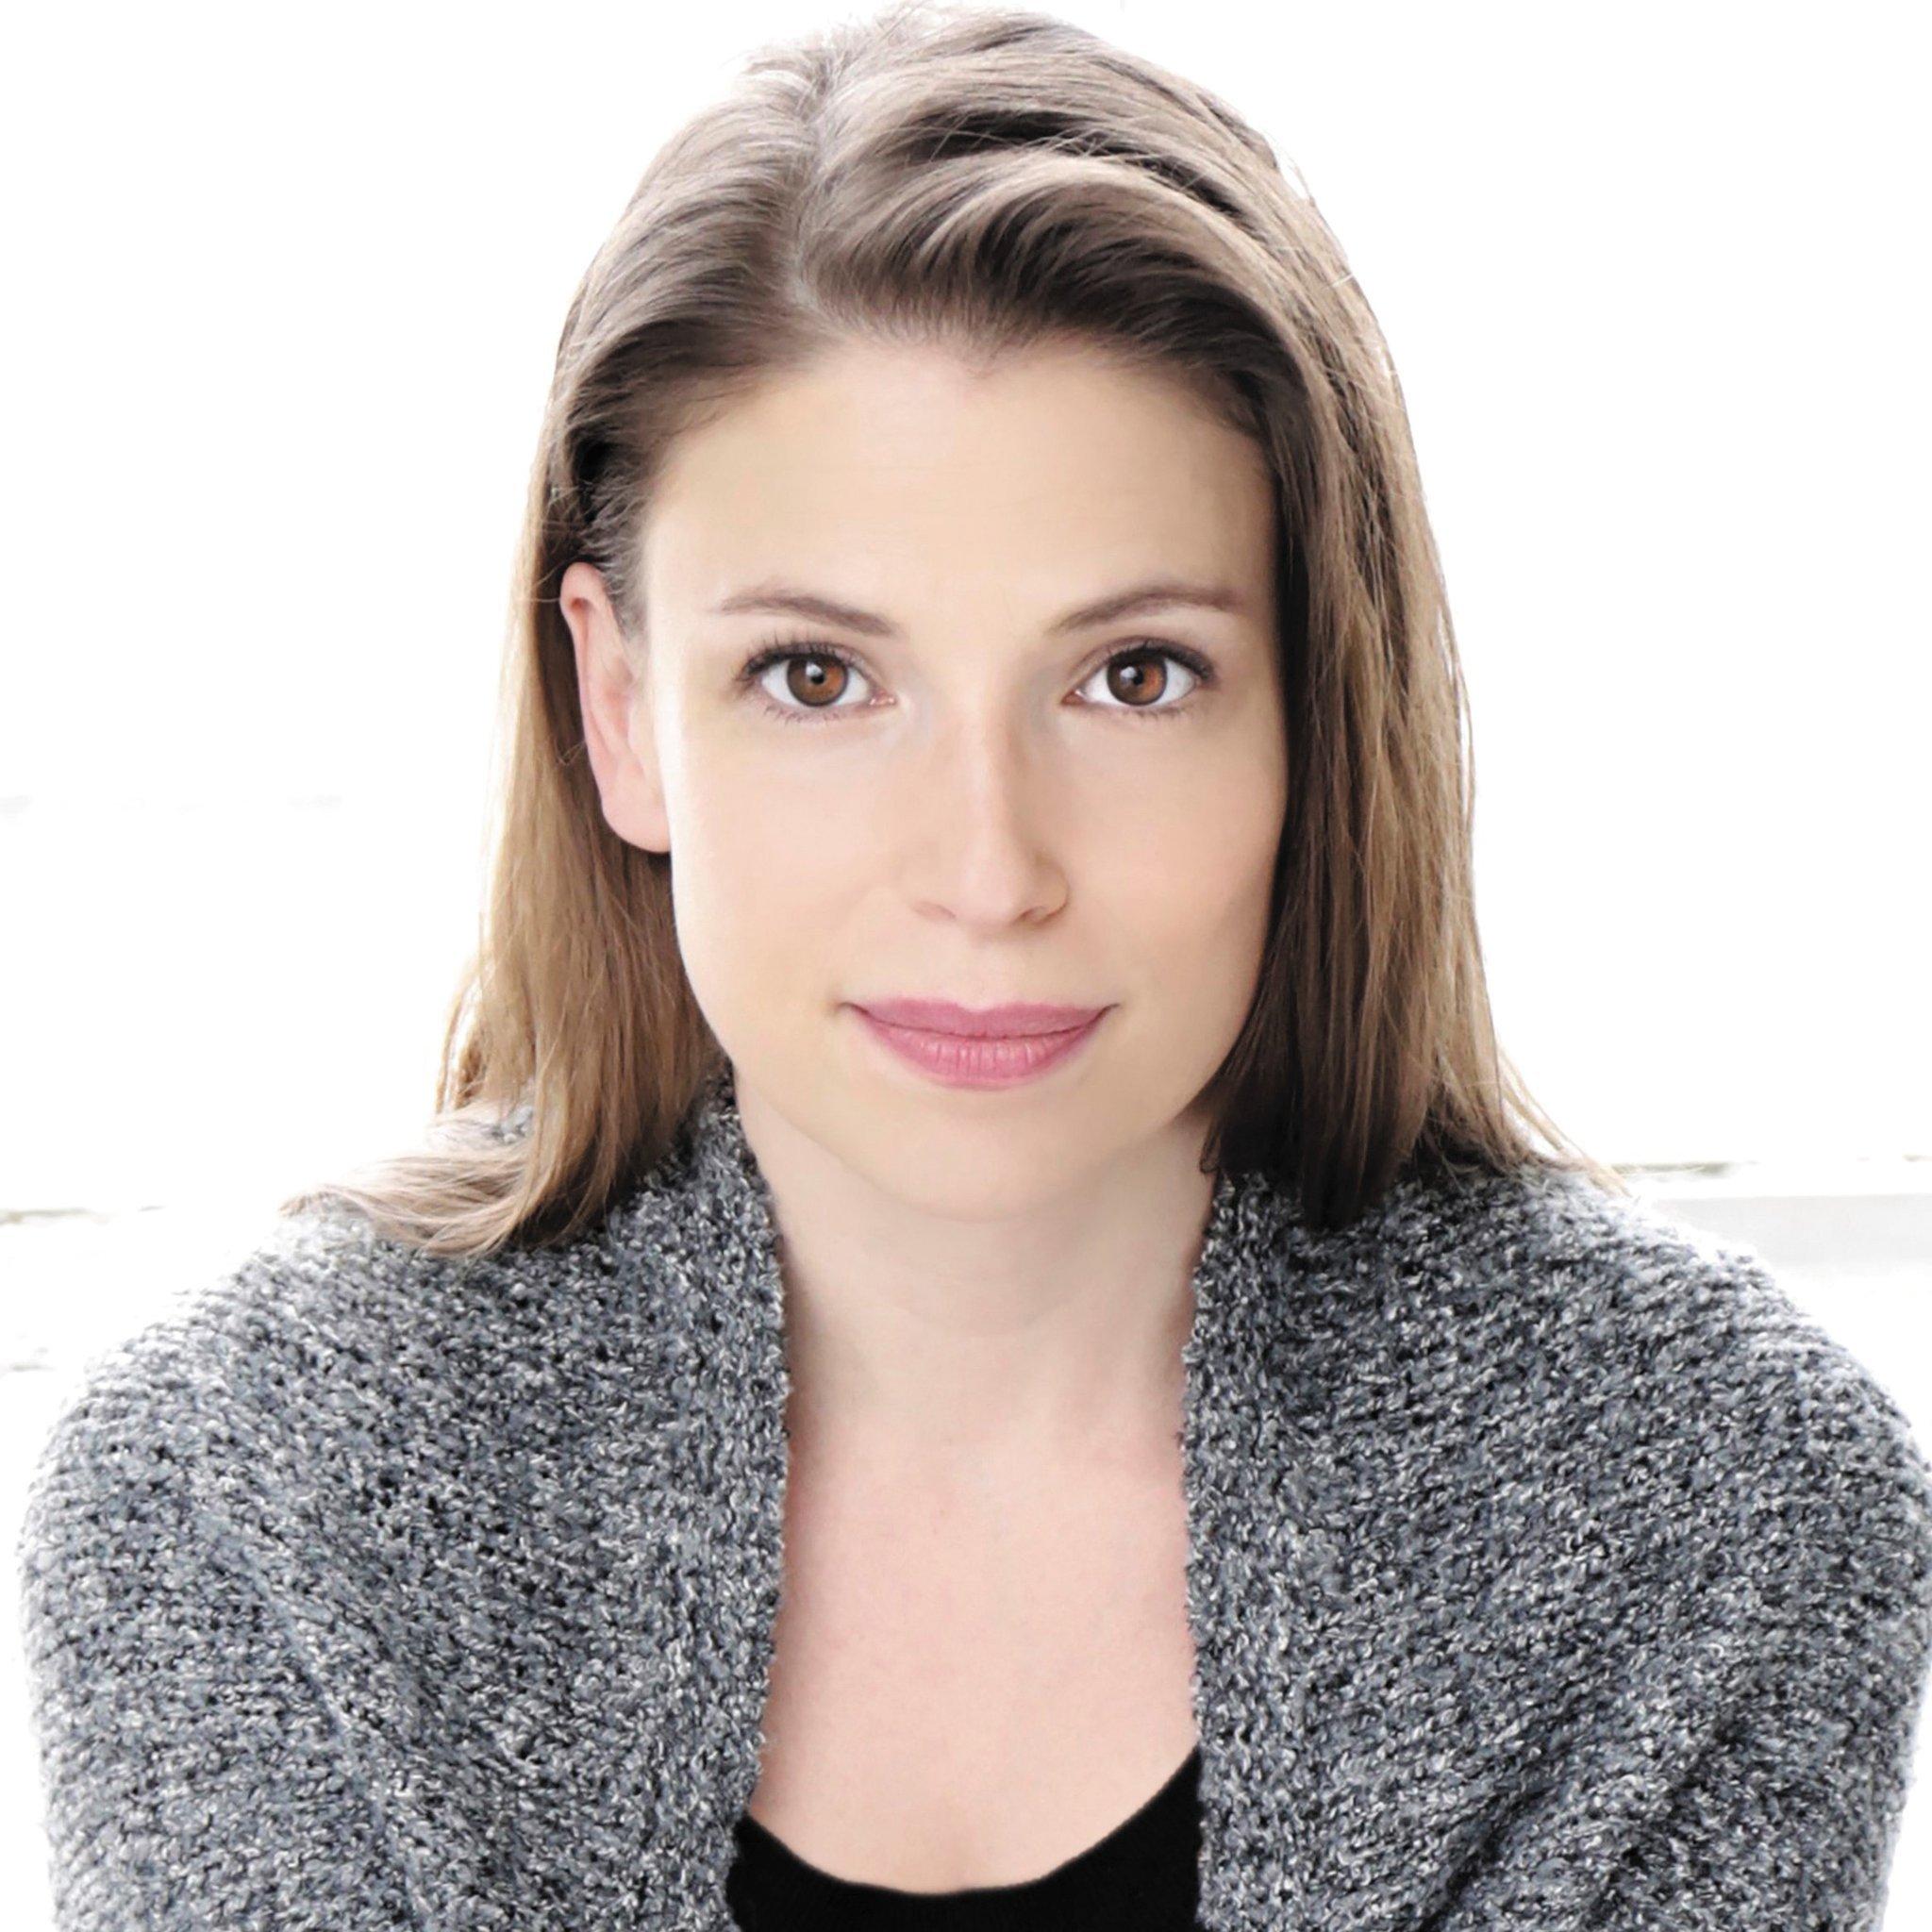 Julia Whelan